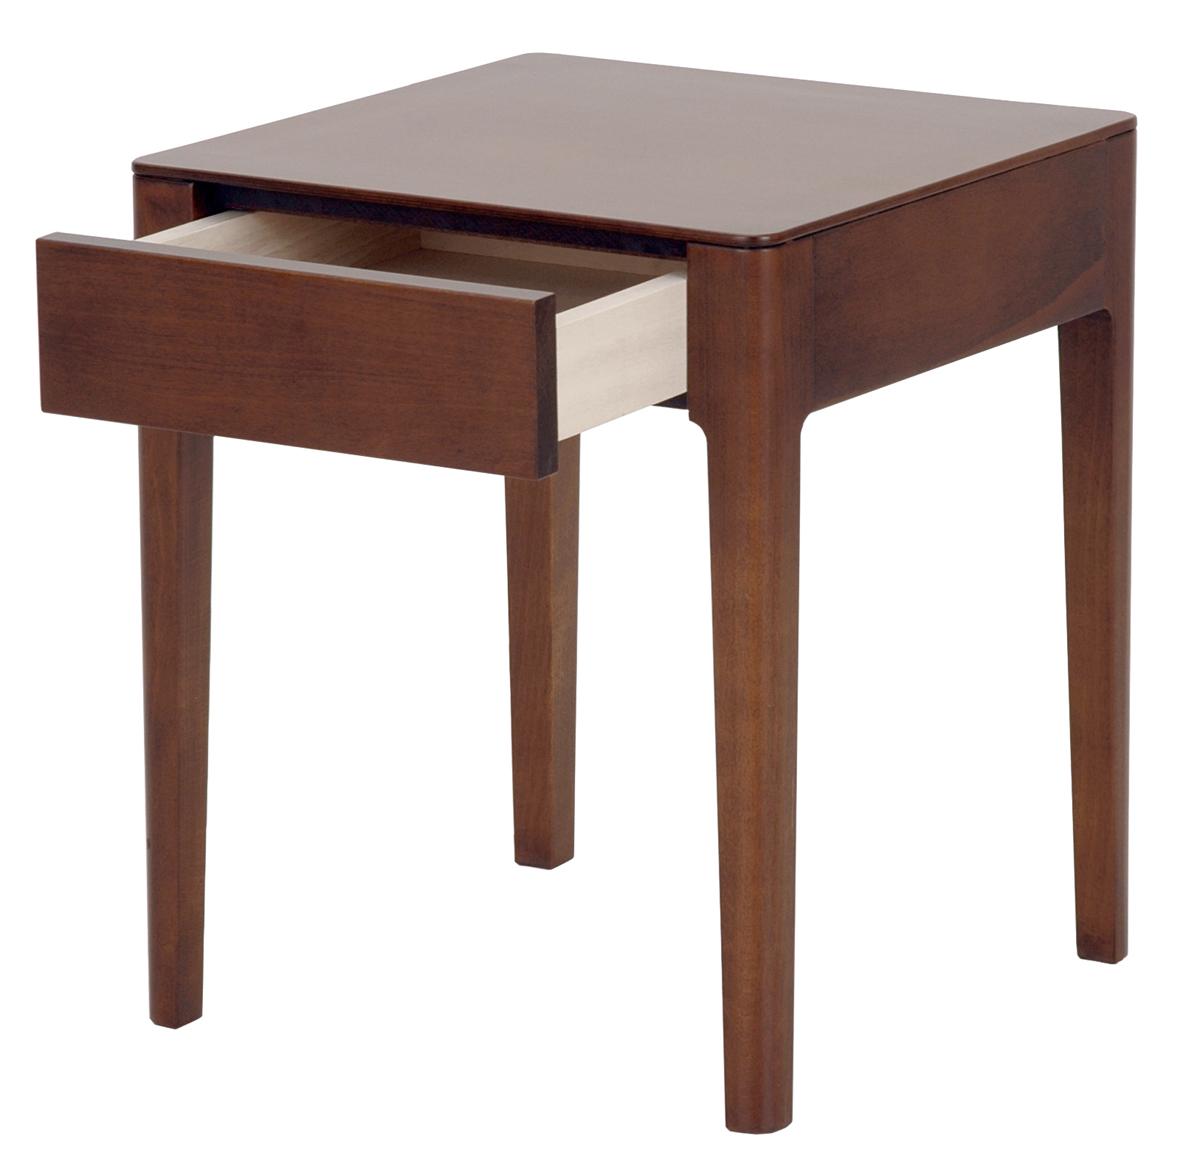 日本ベッド nt-61314 ブラウン ナイトテーブル シンプル ソムノシリーズ